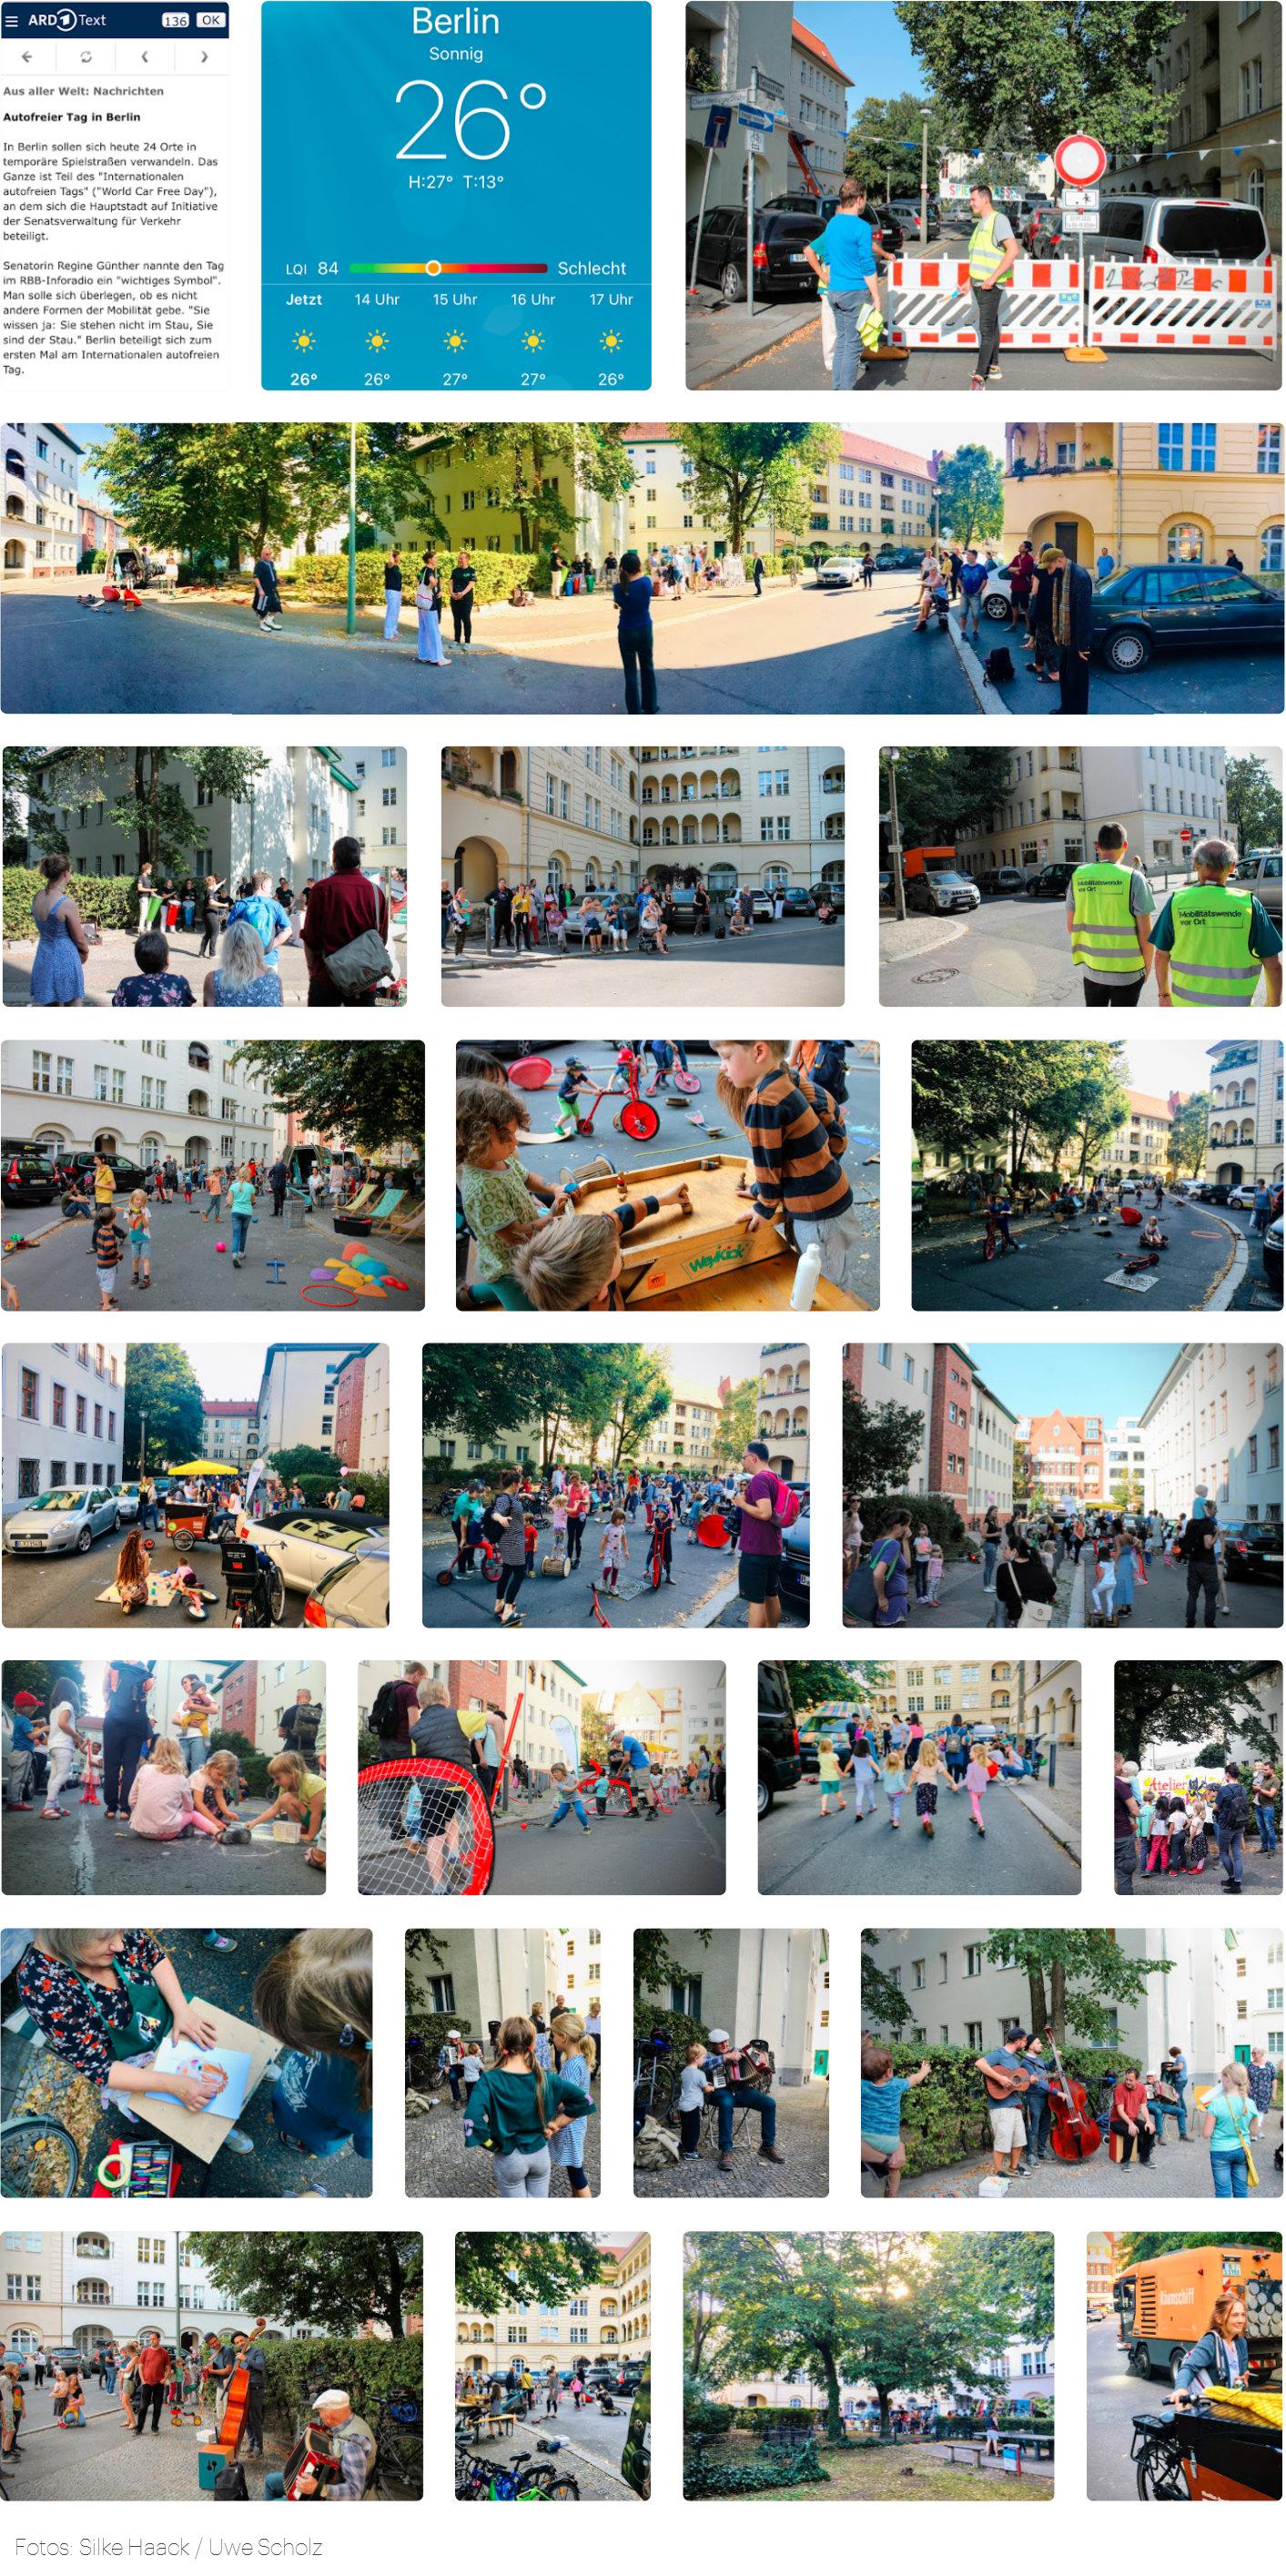 Spiel- und Nachbarschaftsnachmittag in der Tassostraße am 22.09.2020